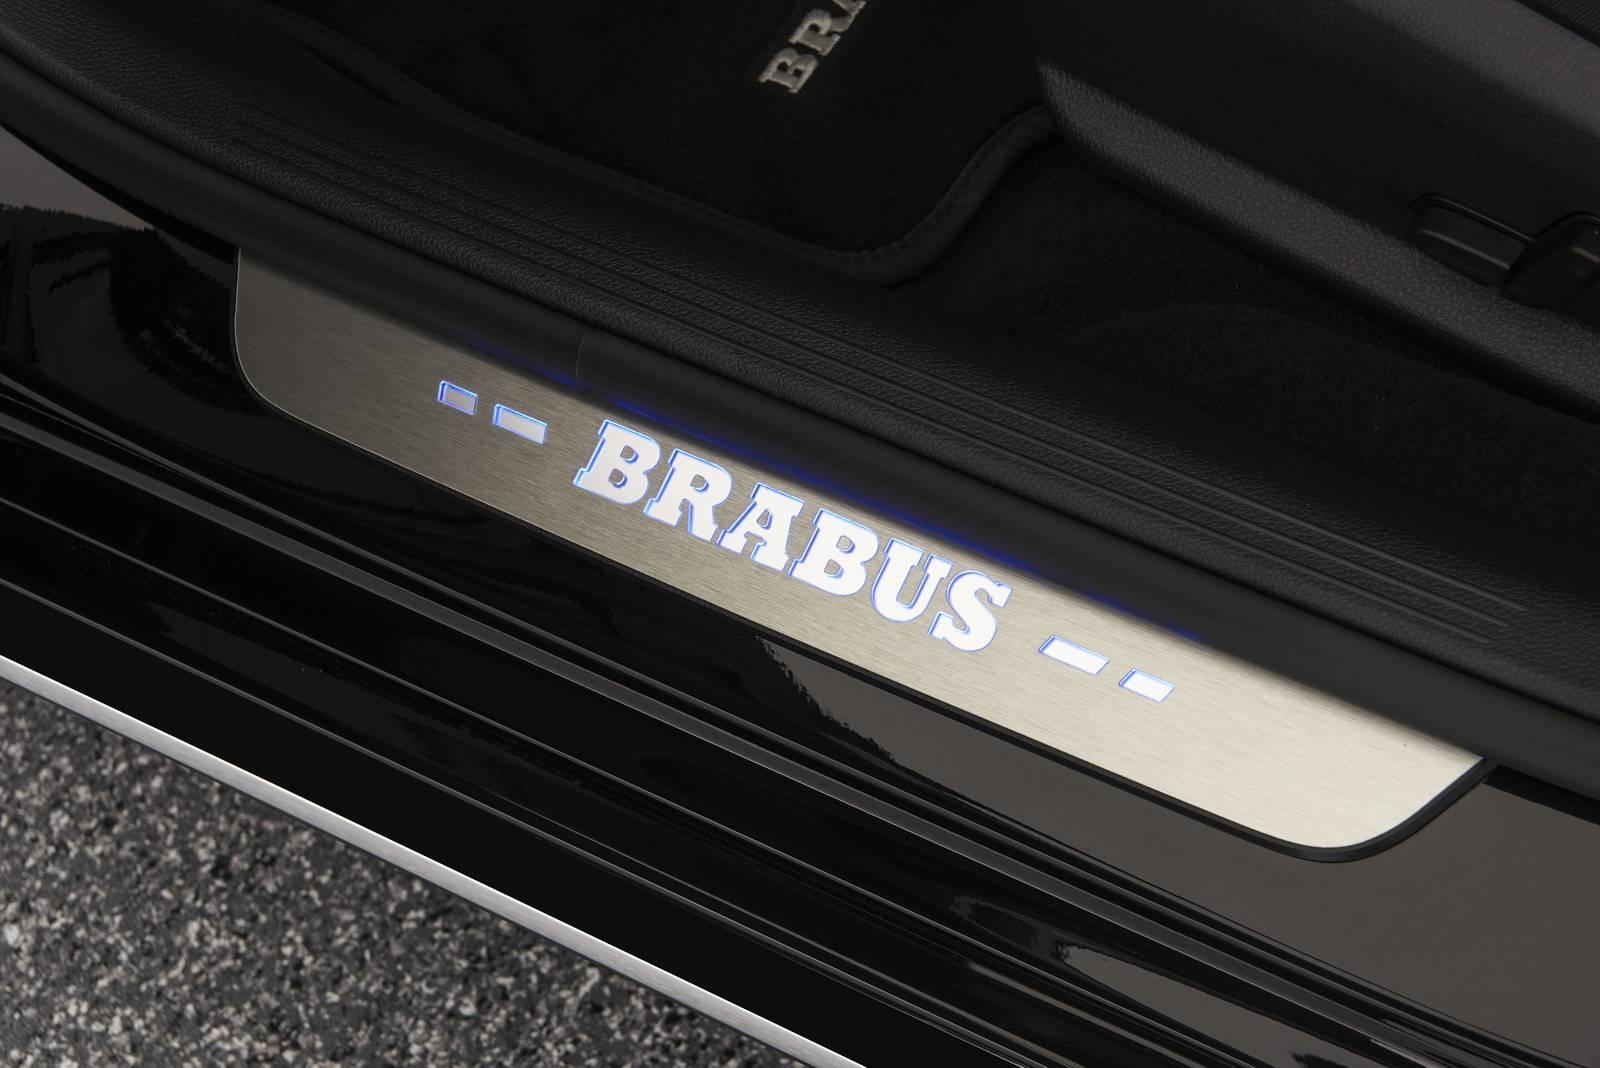 Он увеличивает мощность твие турбо V6 со 401 лошадиных сил до 450 л.с. при 6100 об/мин. Пиковый крутящий момент увеличивается до 570 Нм между 2500 и 5000 об/мин, что приводит к разгону до 100 км/ч за 4,4 секунды.